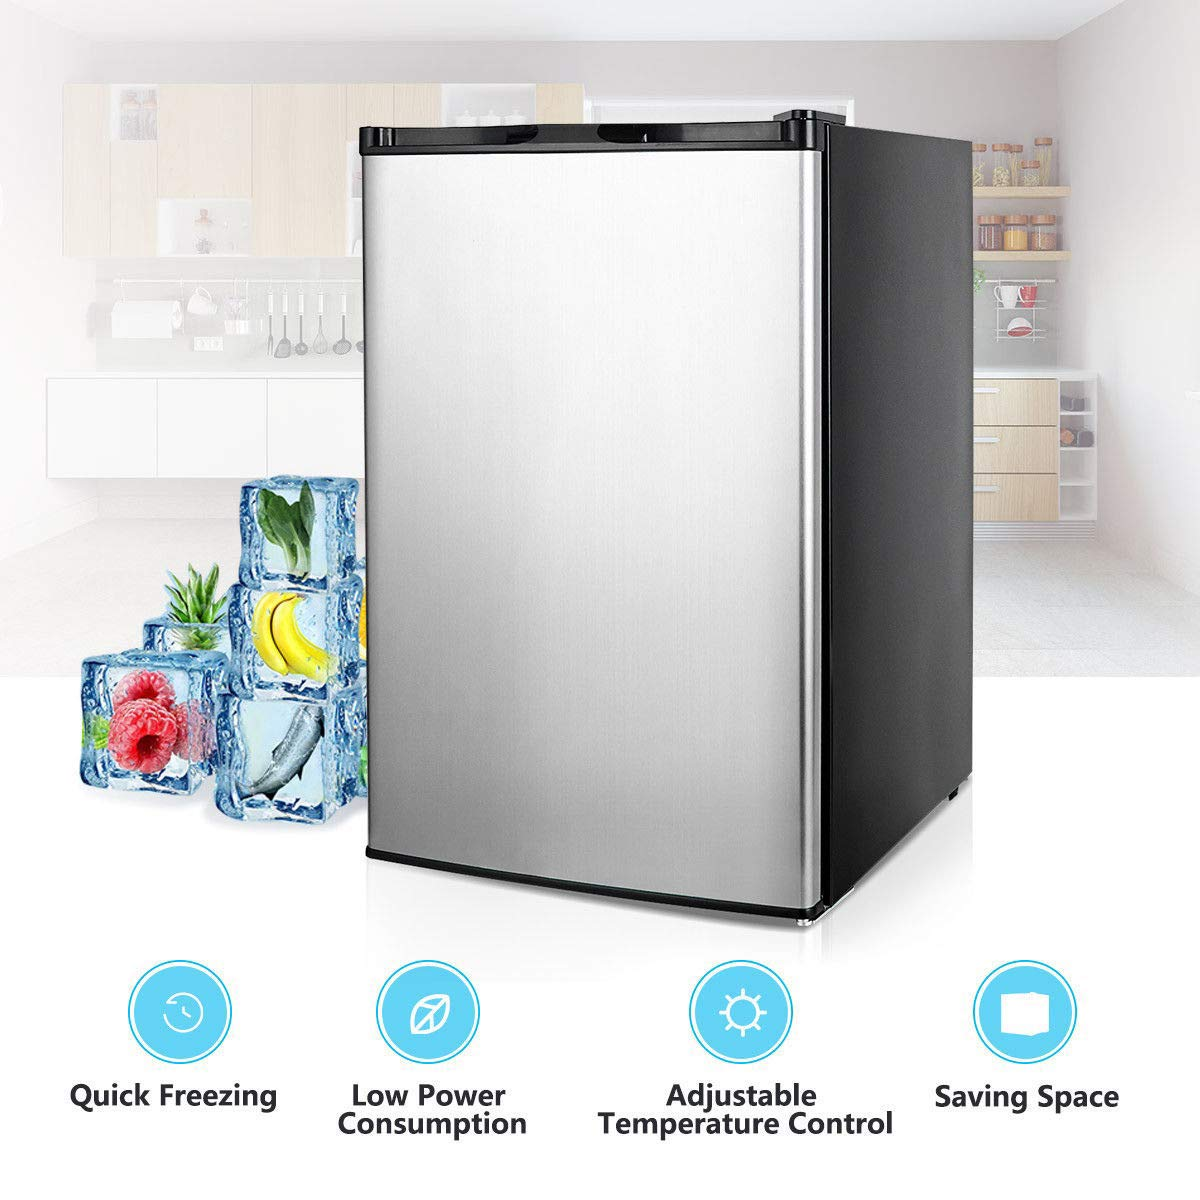 COSTWAY Compact Single Door Upright Freezer - Mini Size with Stainless Steel Door - 3.0 CU FT Capacity - Adjustable by COSTWAY (Image #4)